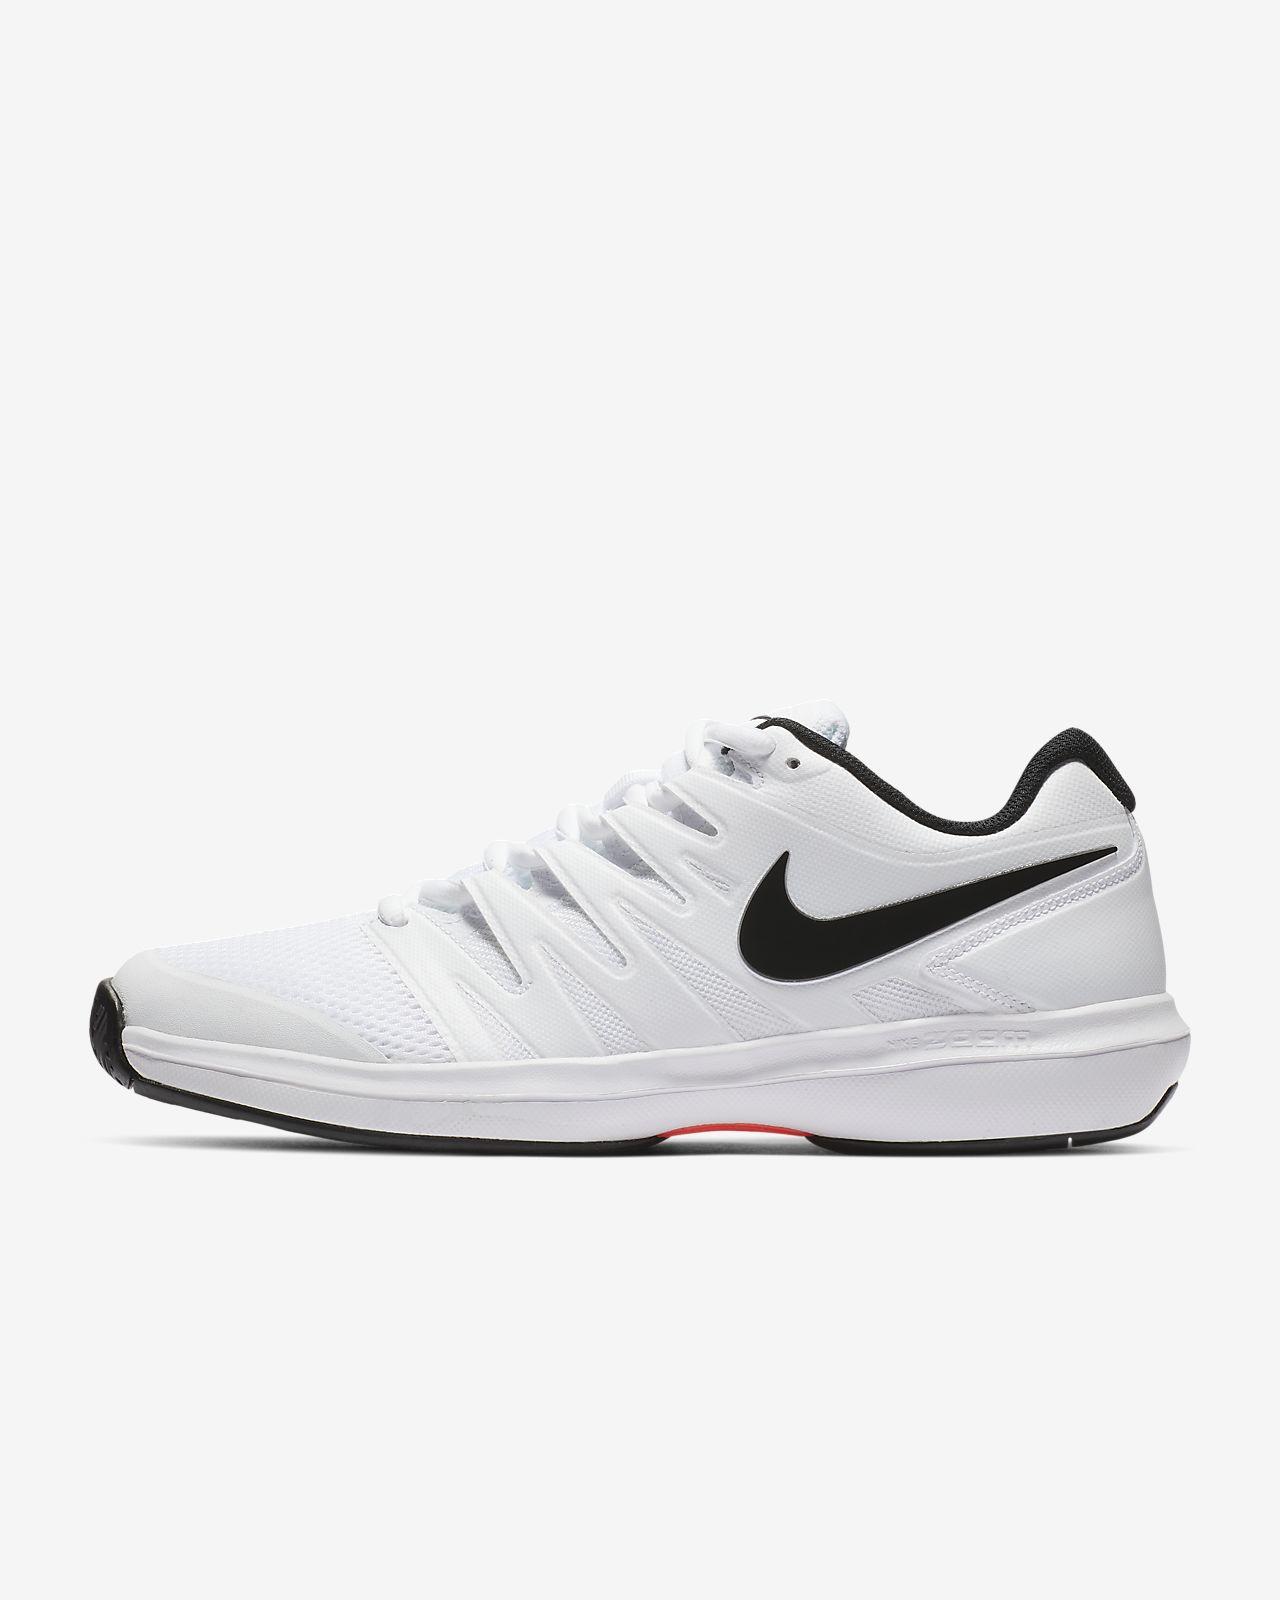 Sapatilhas de ténis para piso duro NikeCourt Air Zoom Prestige para homem